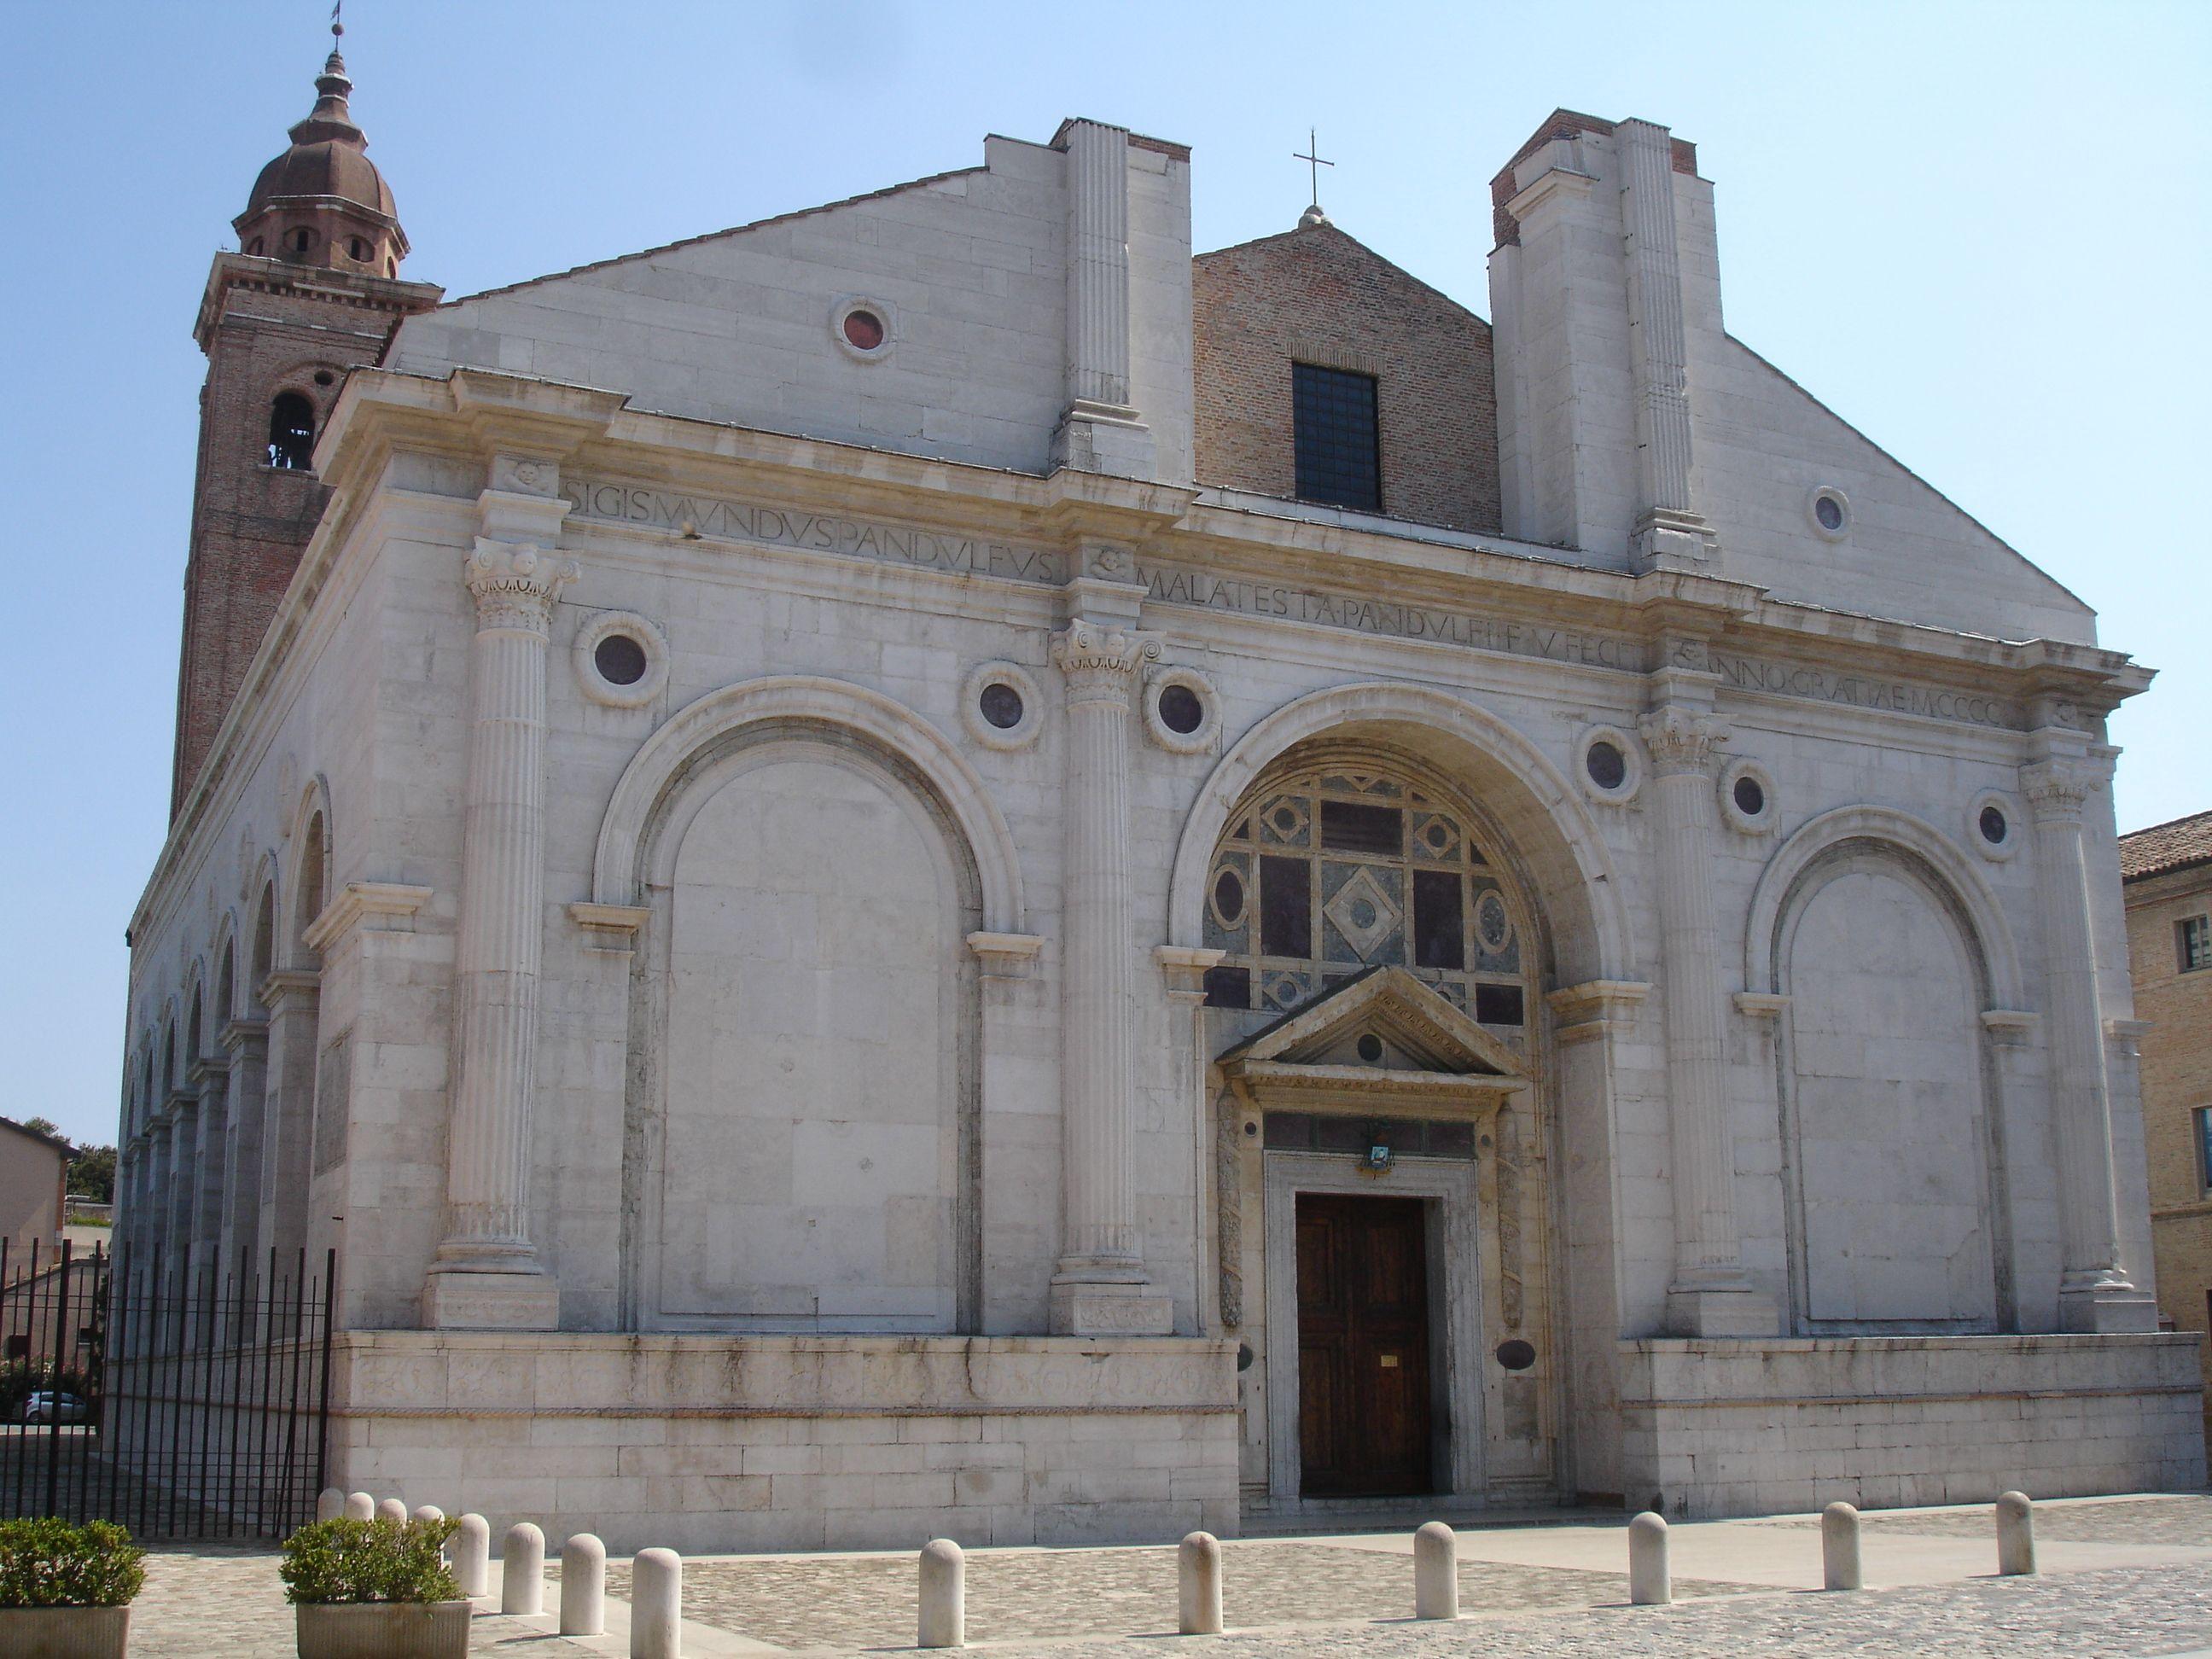 Vodafone It Vodafoneit Rimini Renaissance Architecture Arch Of Constantine